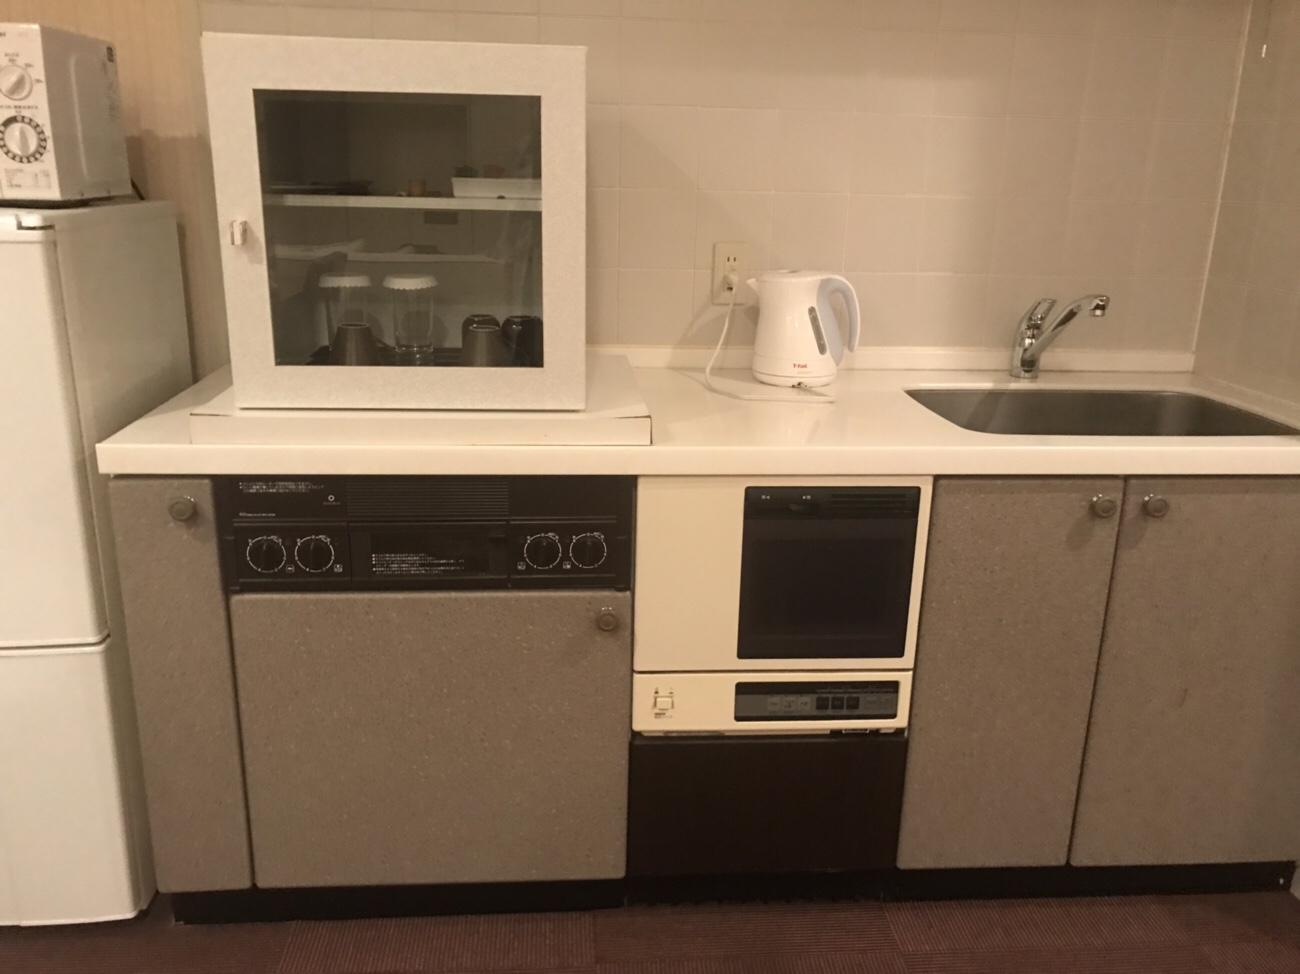 大阪キッチン付きのホテル ライブアーテックス泊まった感想